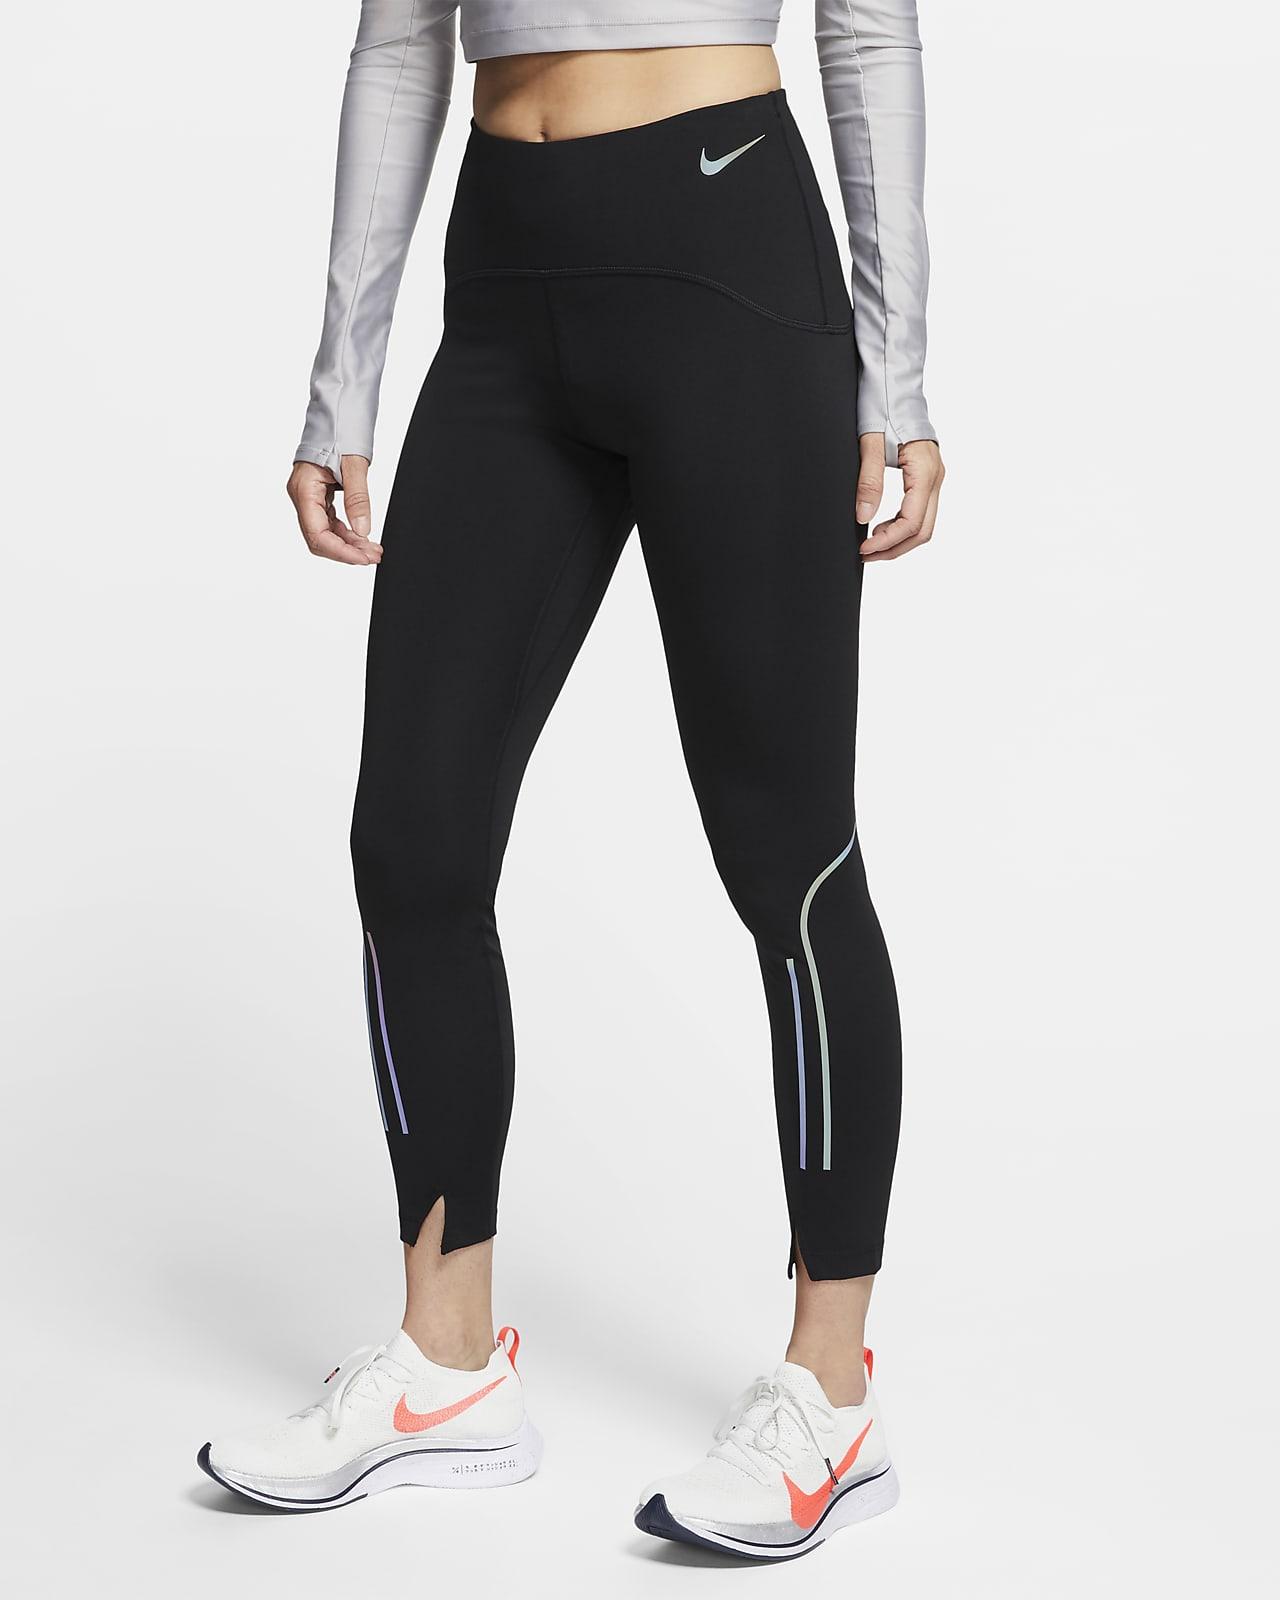 Nike Speed Normal Belli 7/8 Kadın Koşu Taytı